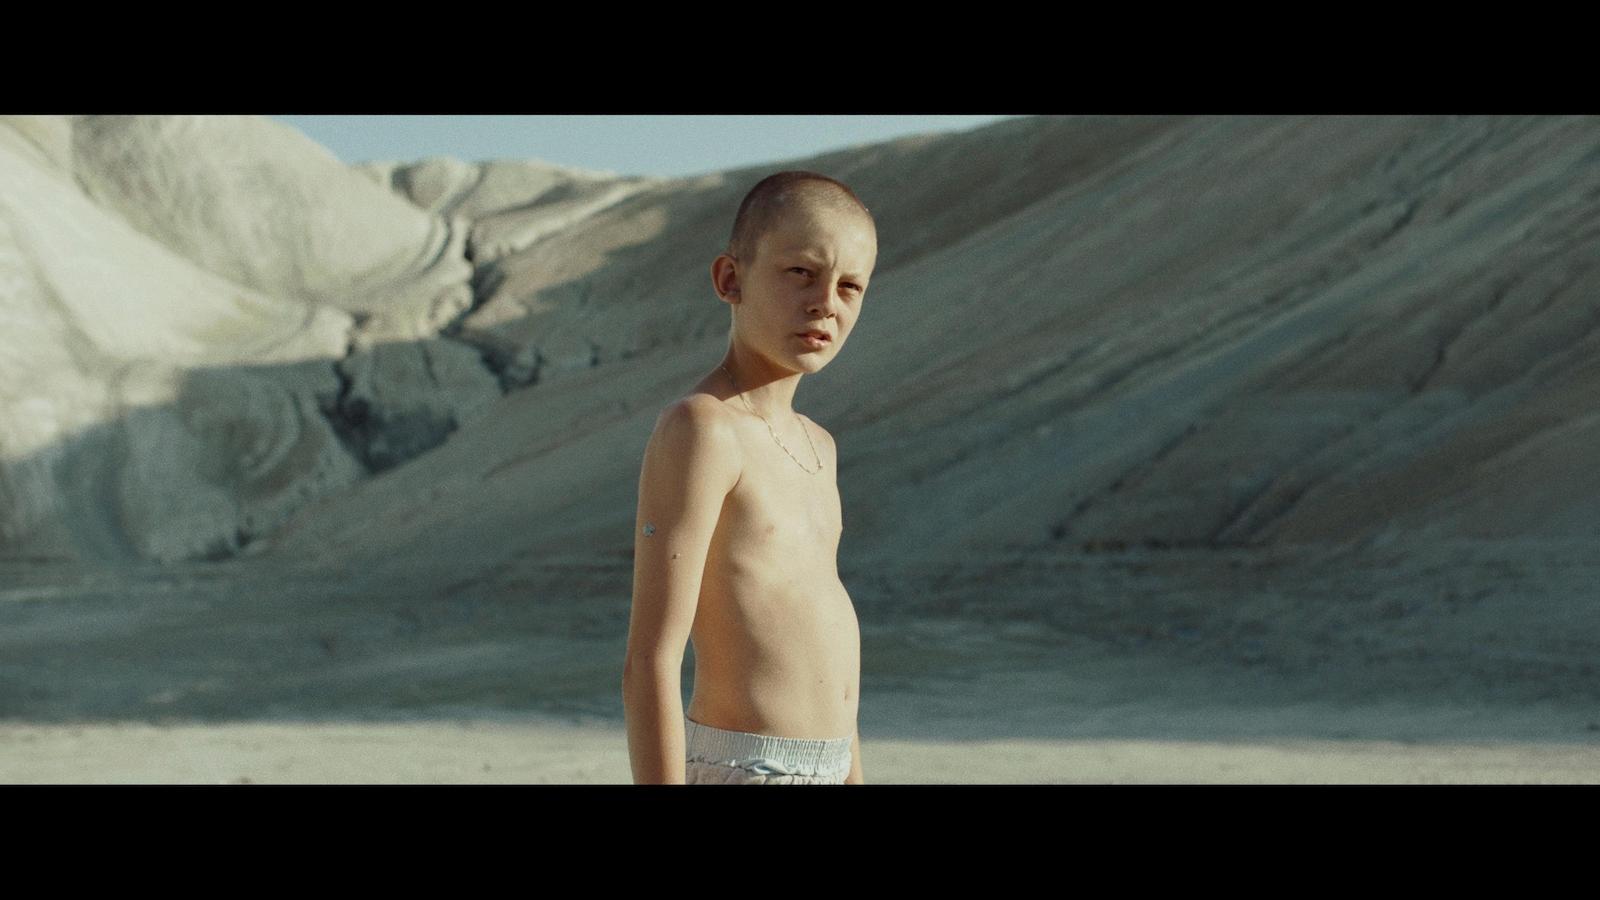 Un jeune garçon torse nu et crane rasé, dans un désert